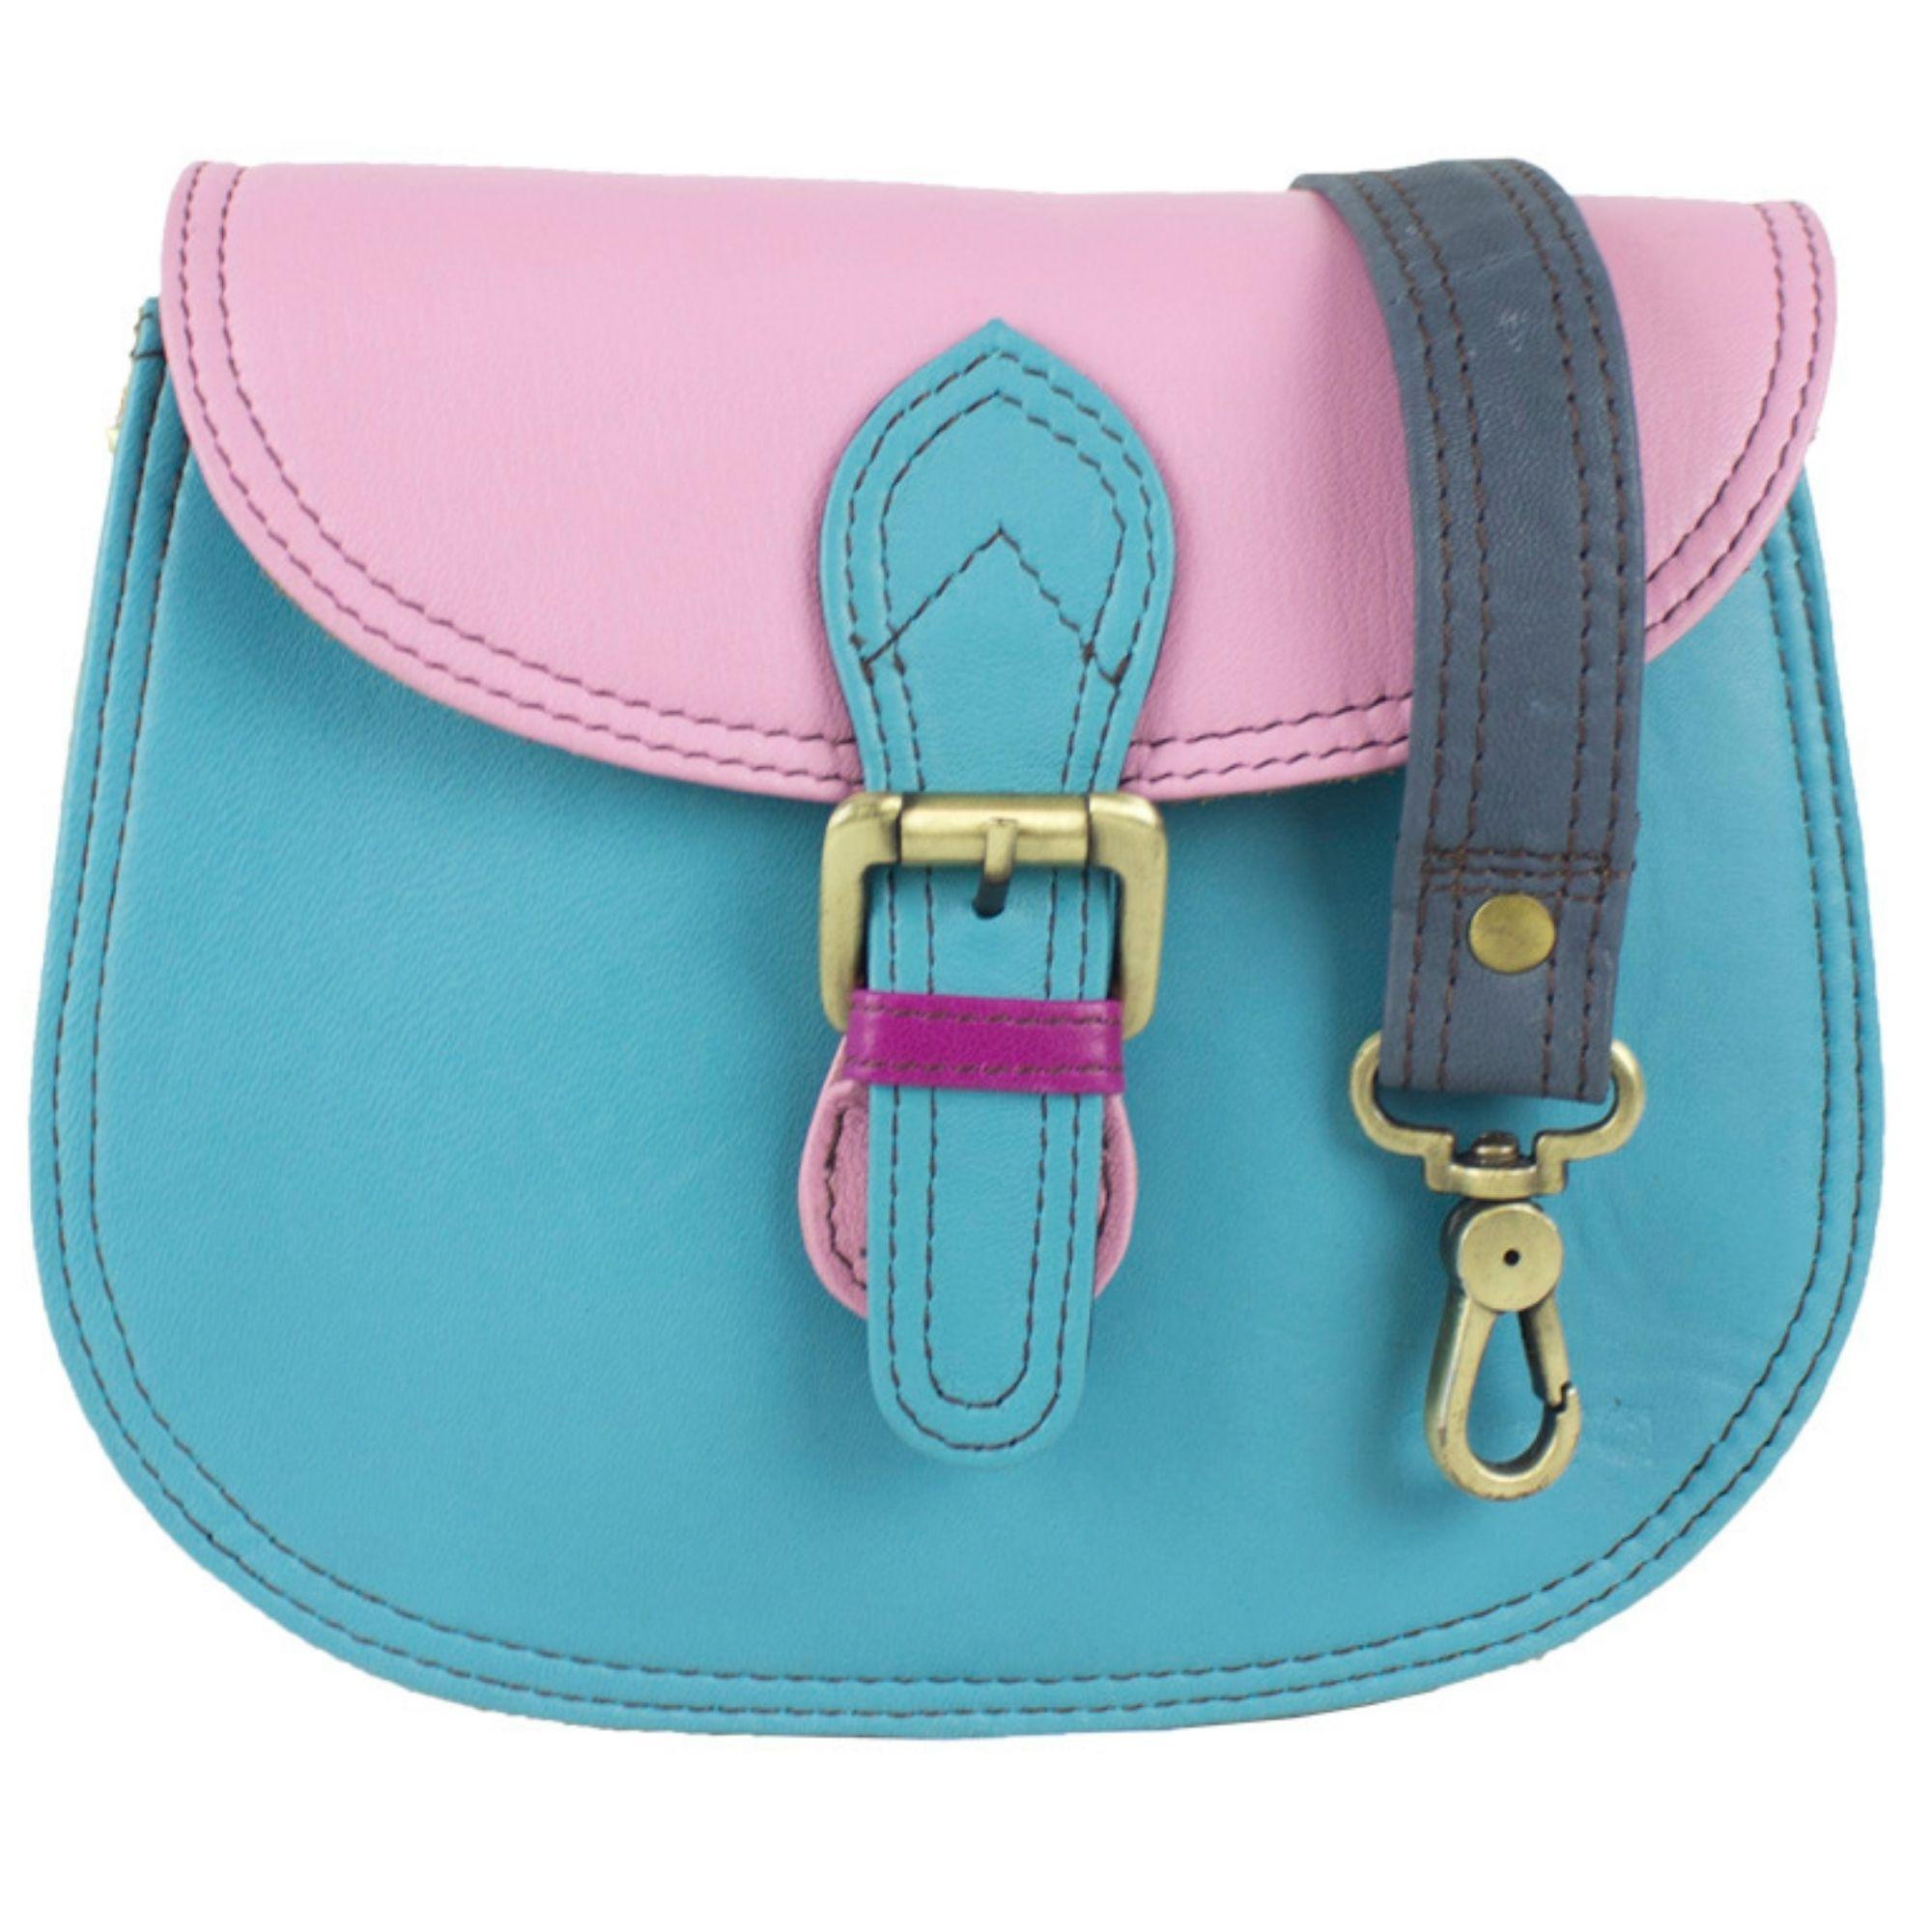 a50328b51f757 Sunsa Damen kleine bunte Ledertasche Schultertasche Umhängetasche  Messengertasche Crossbody Tasche